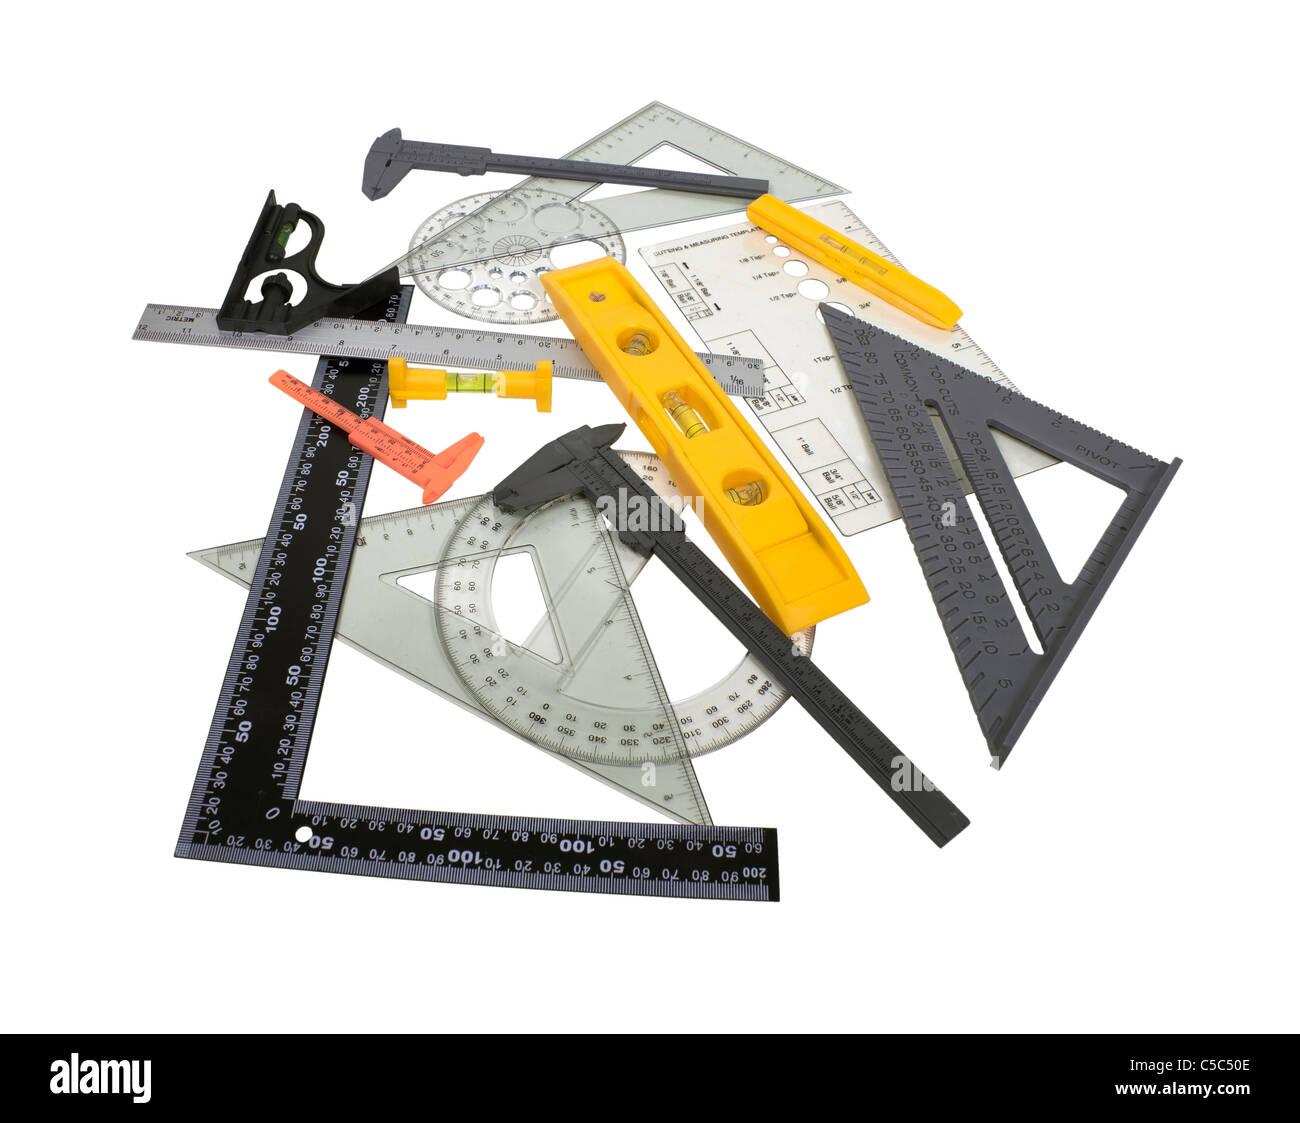 Une variété d'outil d'ingénierie de mesure micromètre pour mesurer l'épaisseur des éléments - chemin inclus Banque D'Images